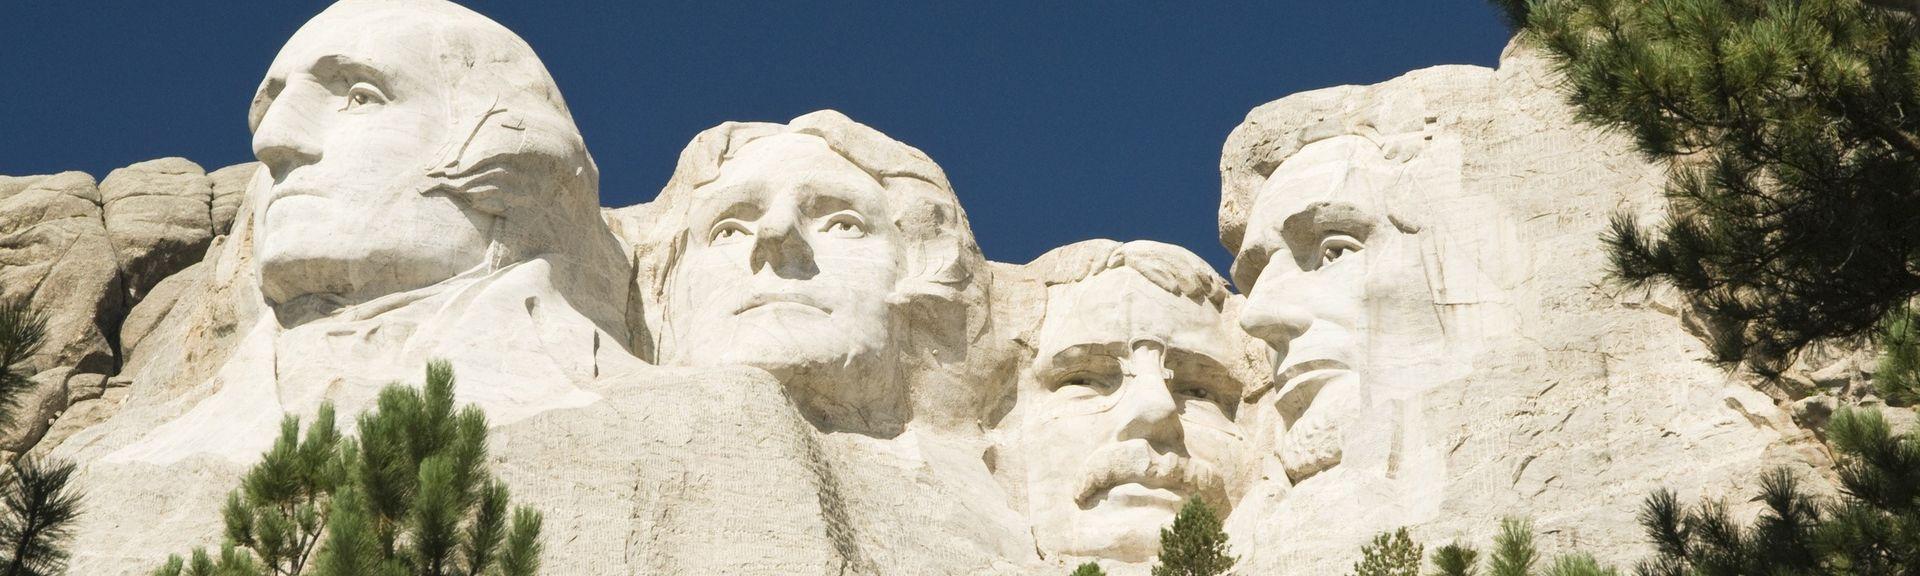 Mount Rushmore (sculpture en granit), Keystone, Dakota du Sud, États-Unis d'Amérique